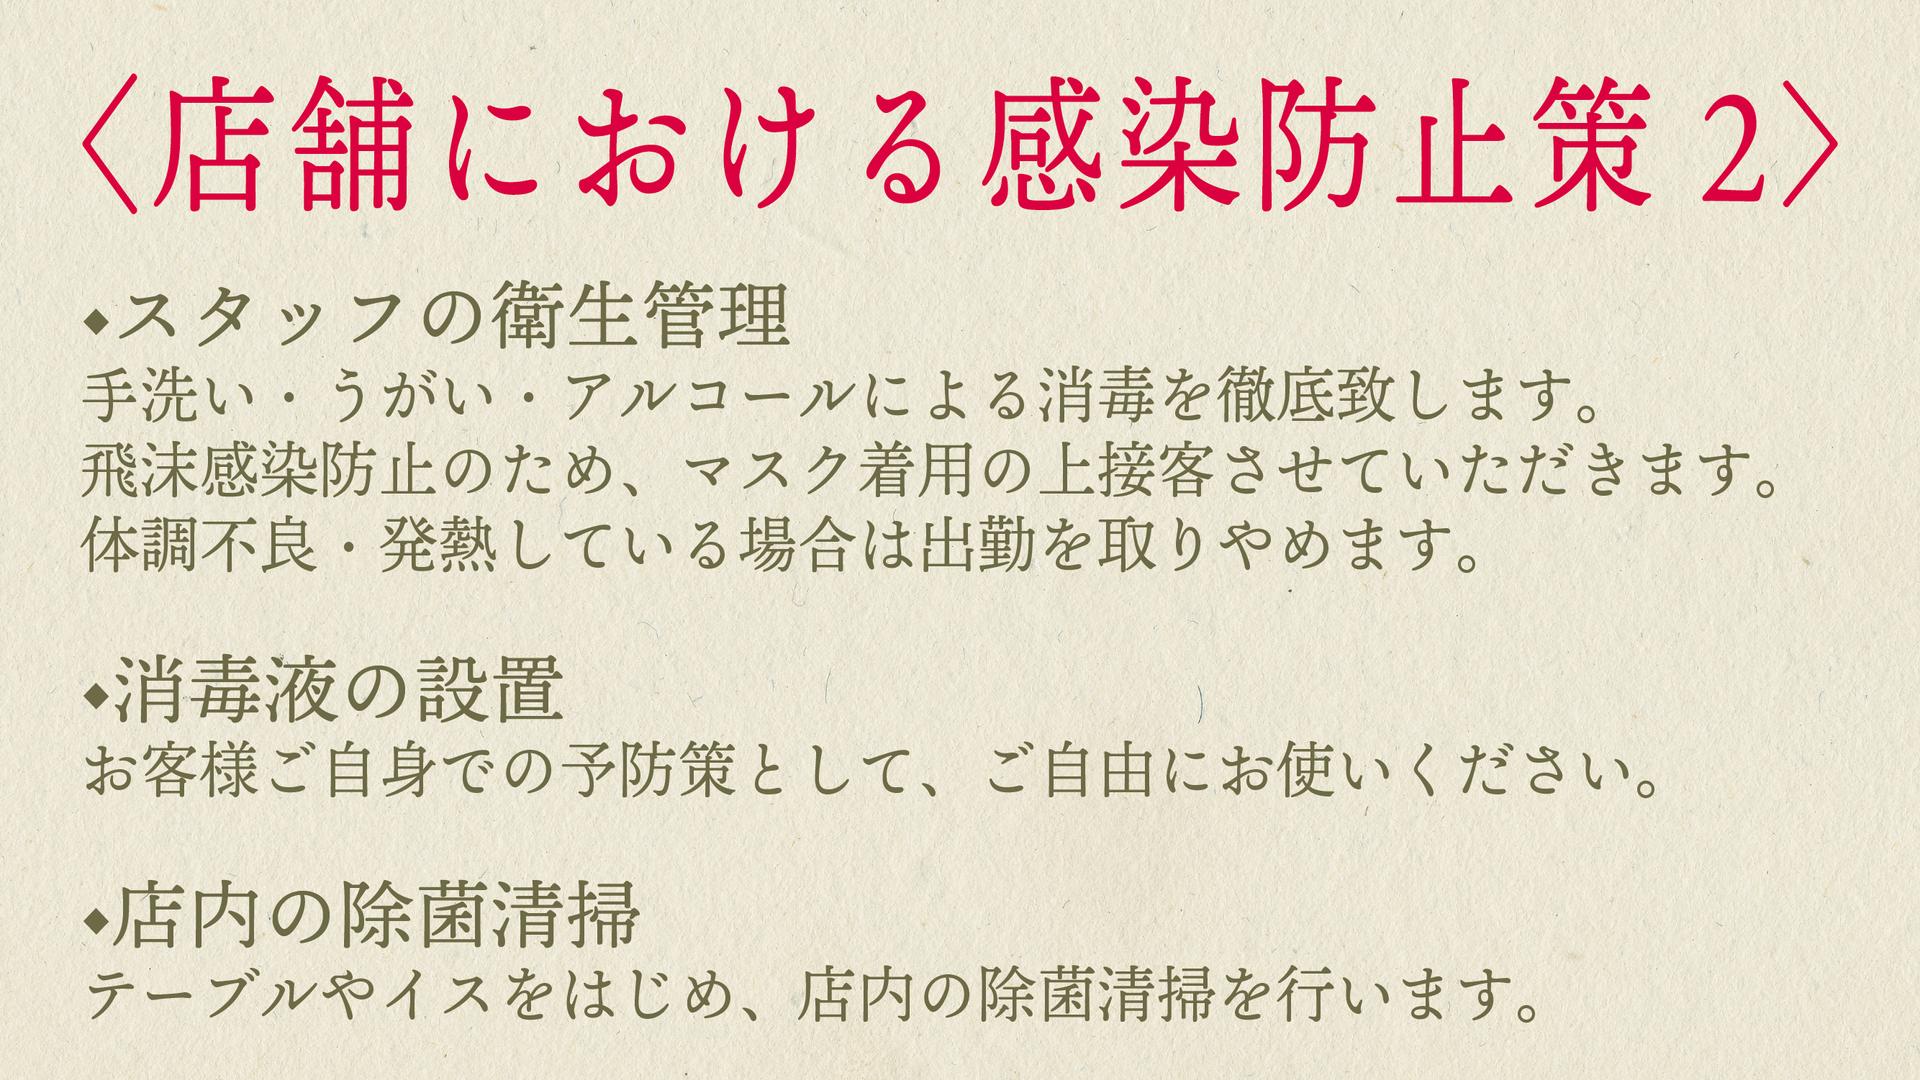 店舗における感染防止策2